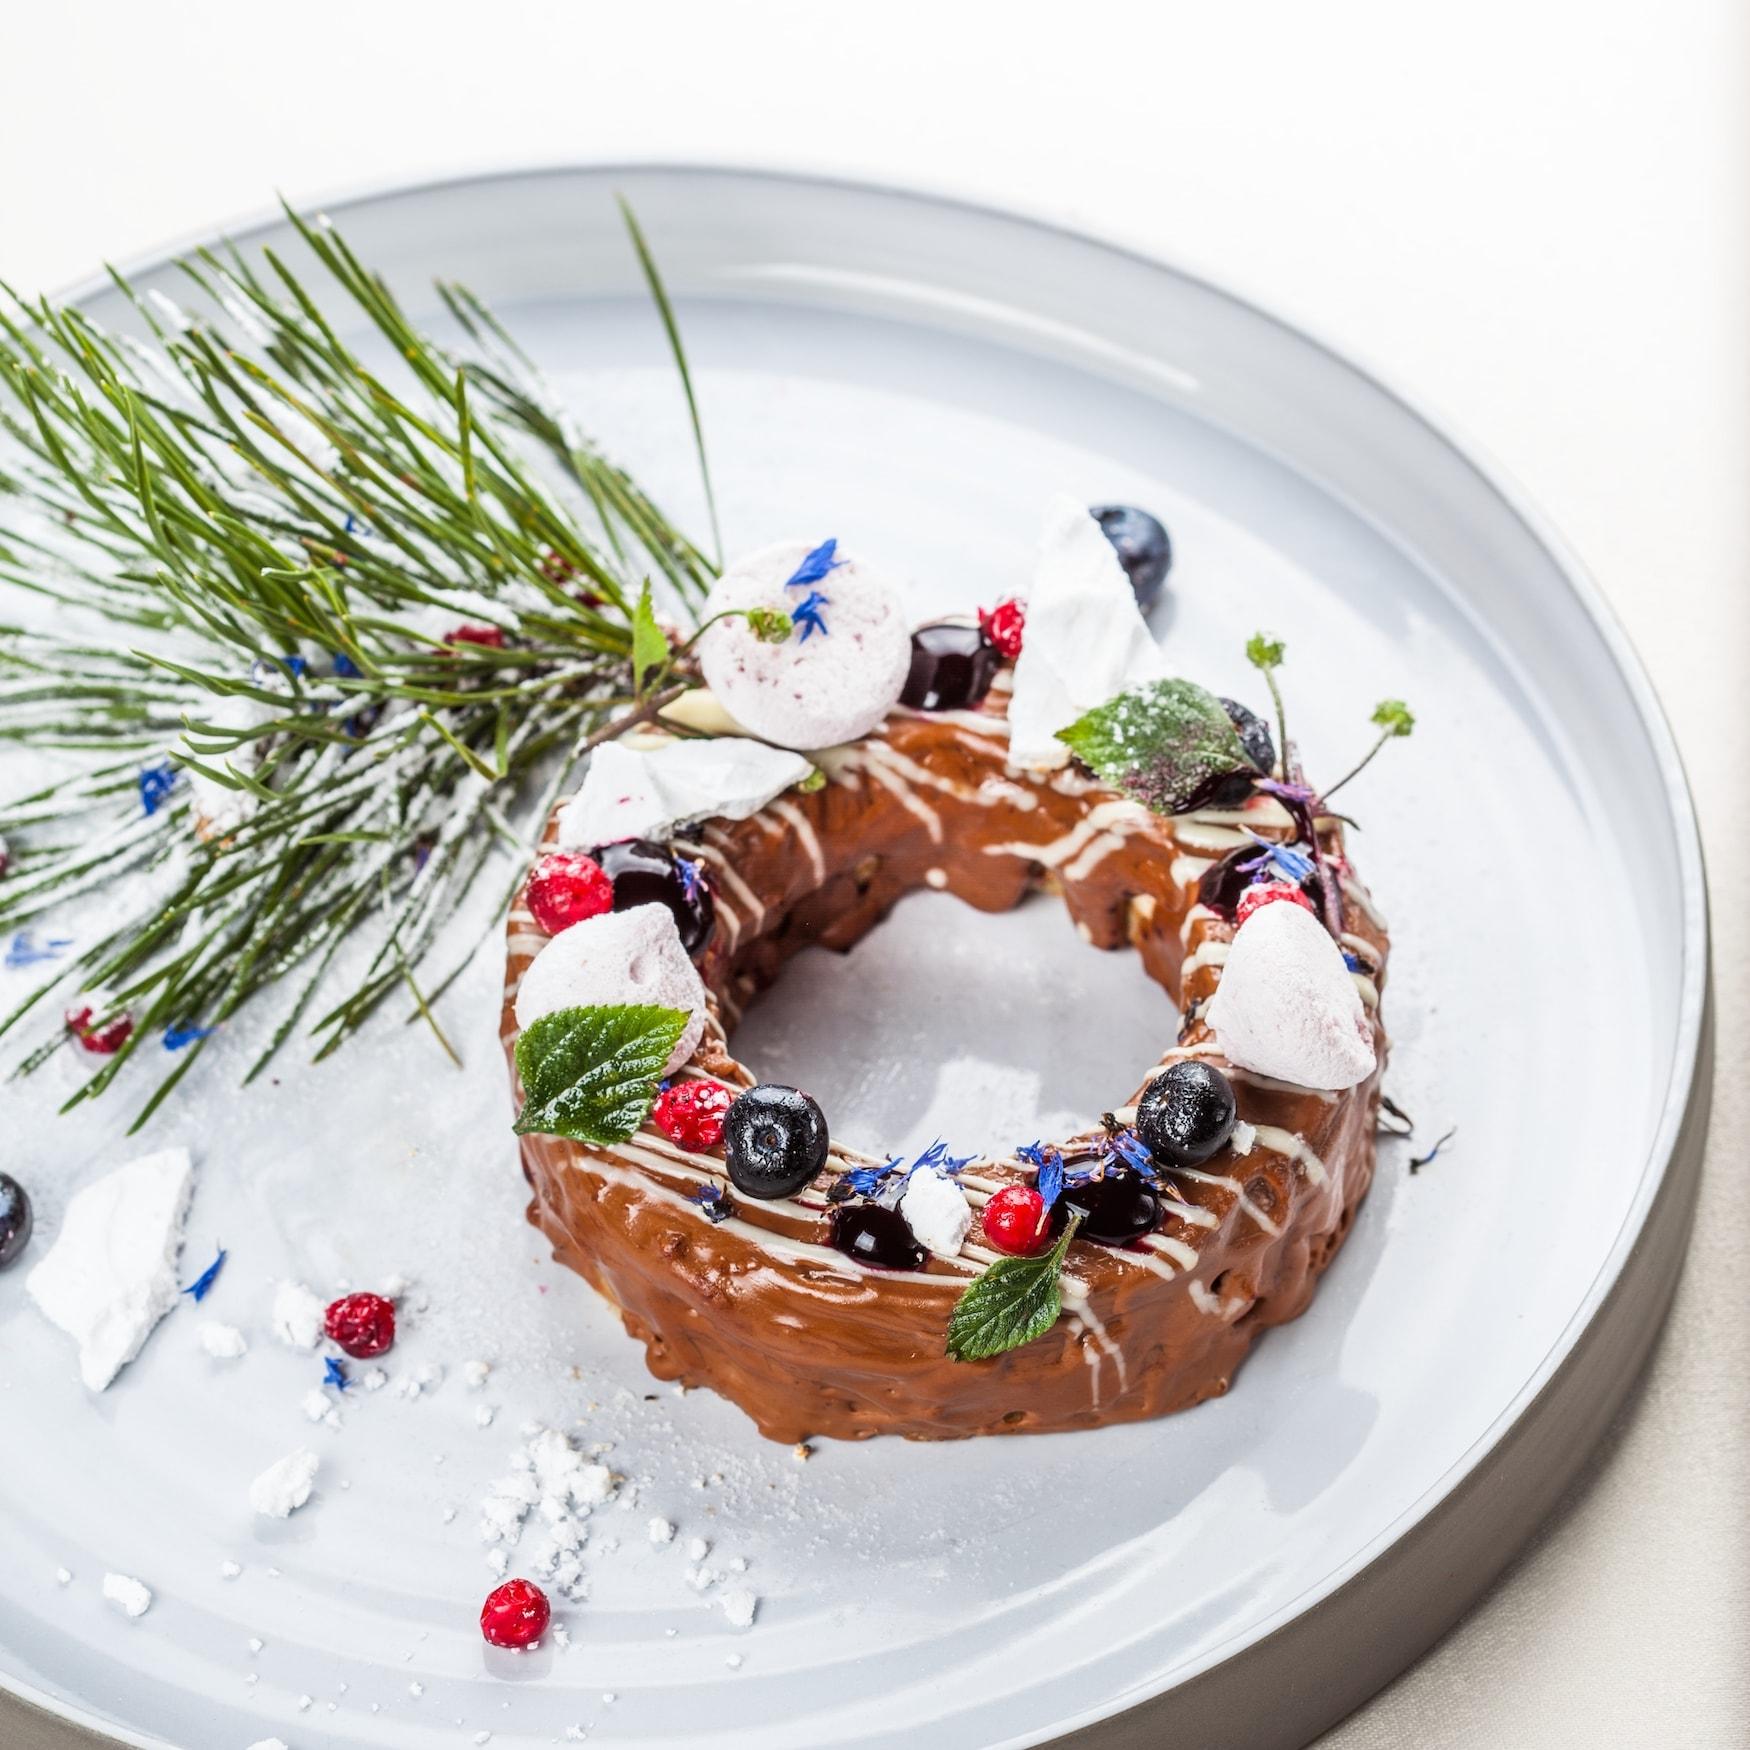 Dessert-Kuchen aus Schokolade, dekoriert mit Waldbeeren